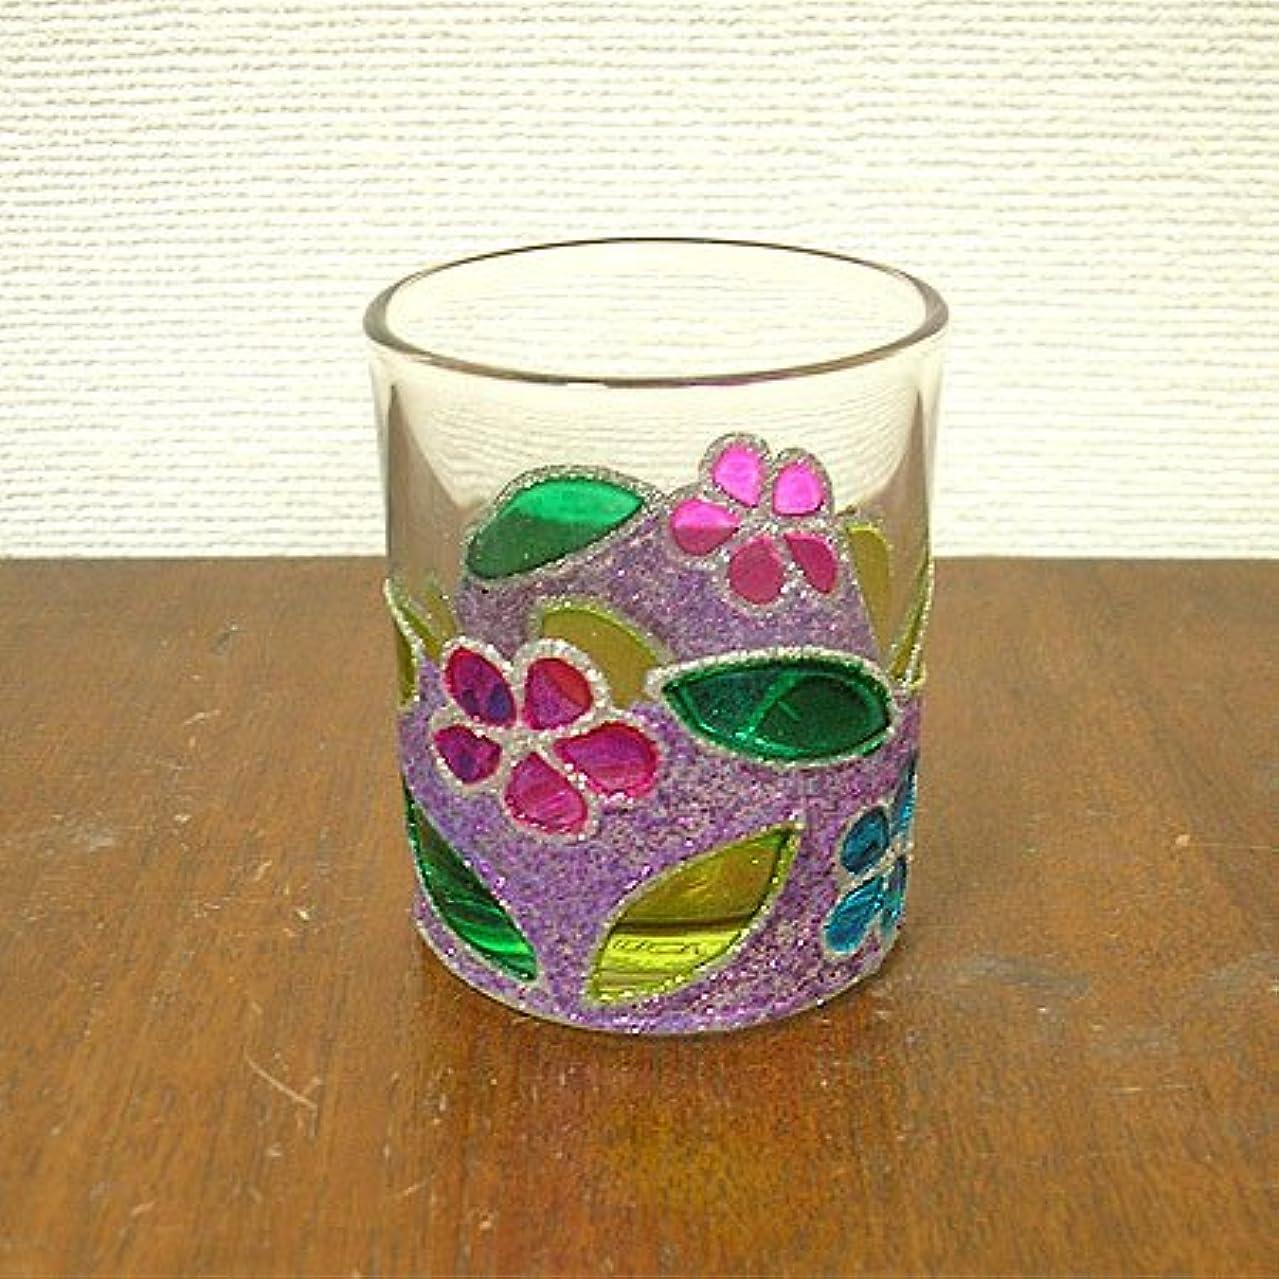 テメリティクリームご近所アジアン キャンドルホルダー カップ グラス 花柄 パープル アジアン雑貨